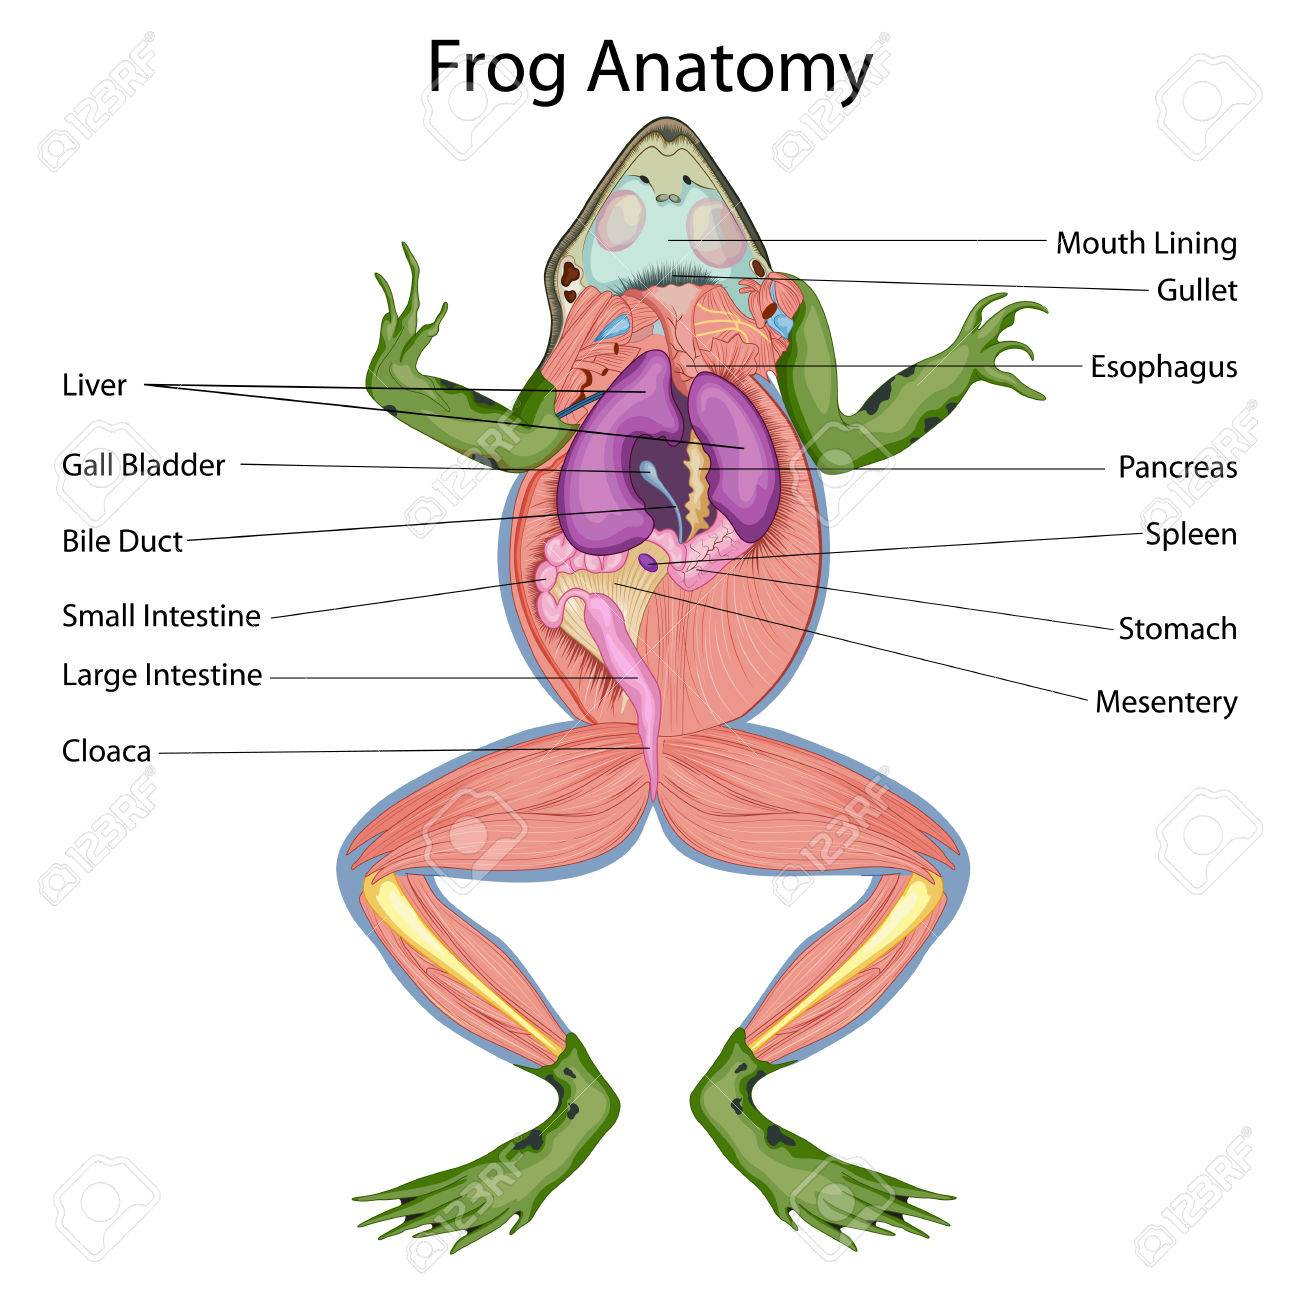 Hermosa Diagrama De La Anatomía Interna Rana Fotos - Imágenes de ...